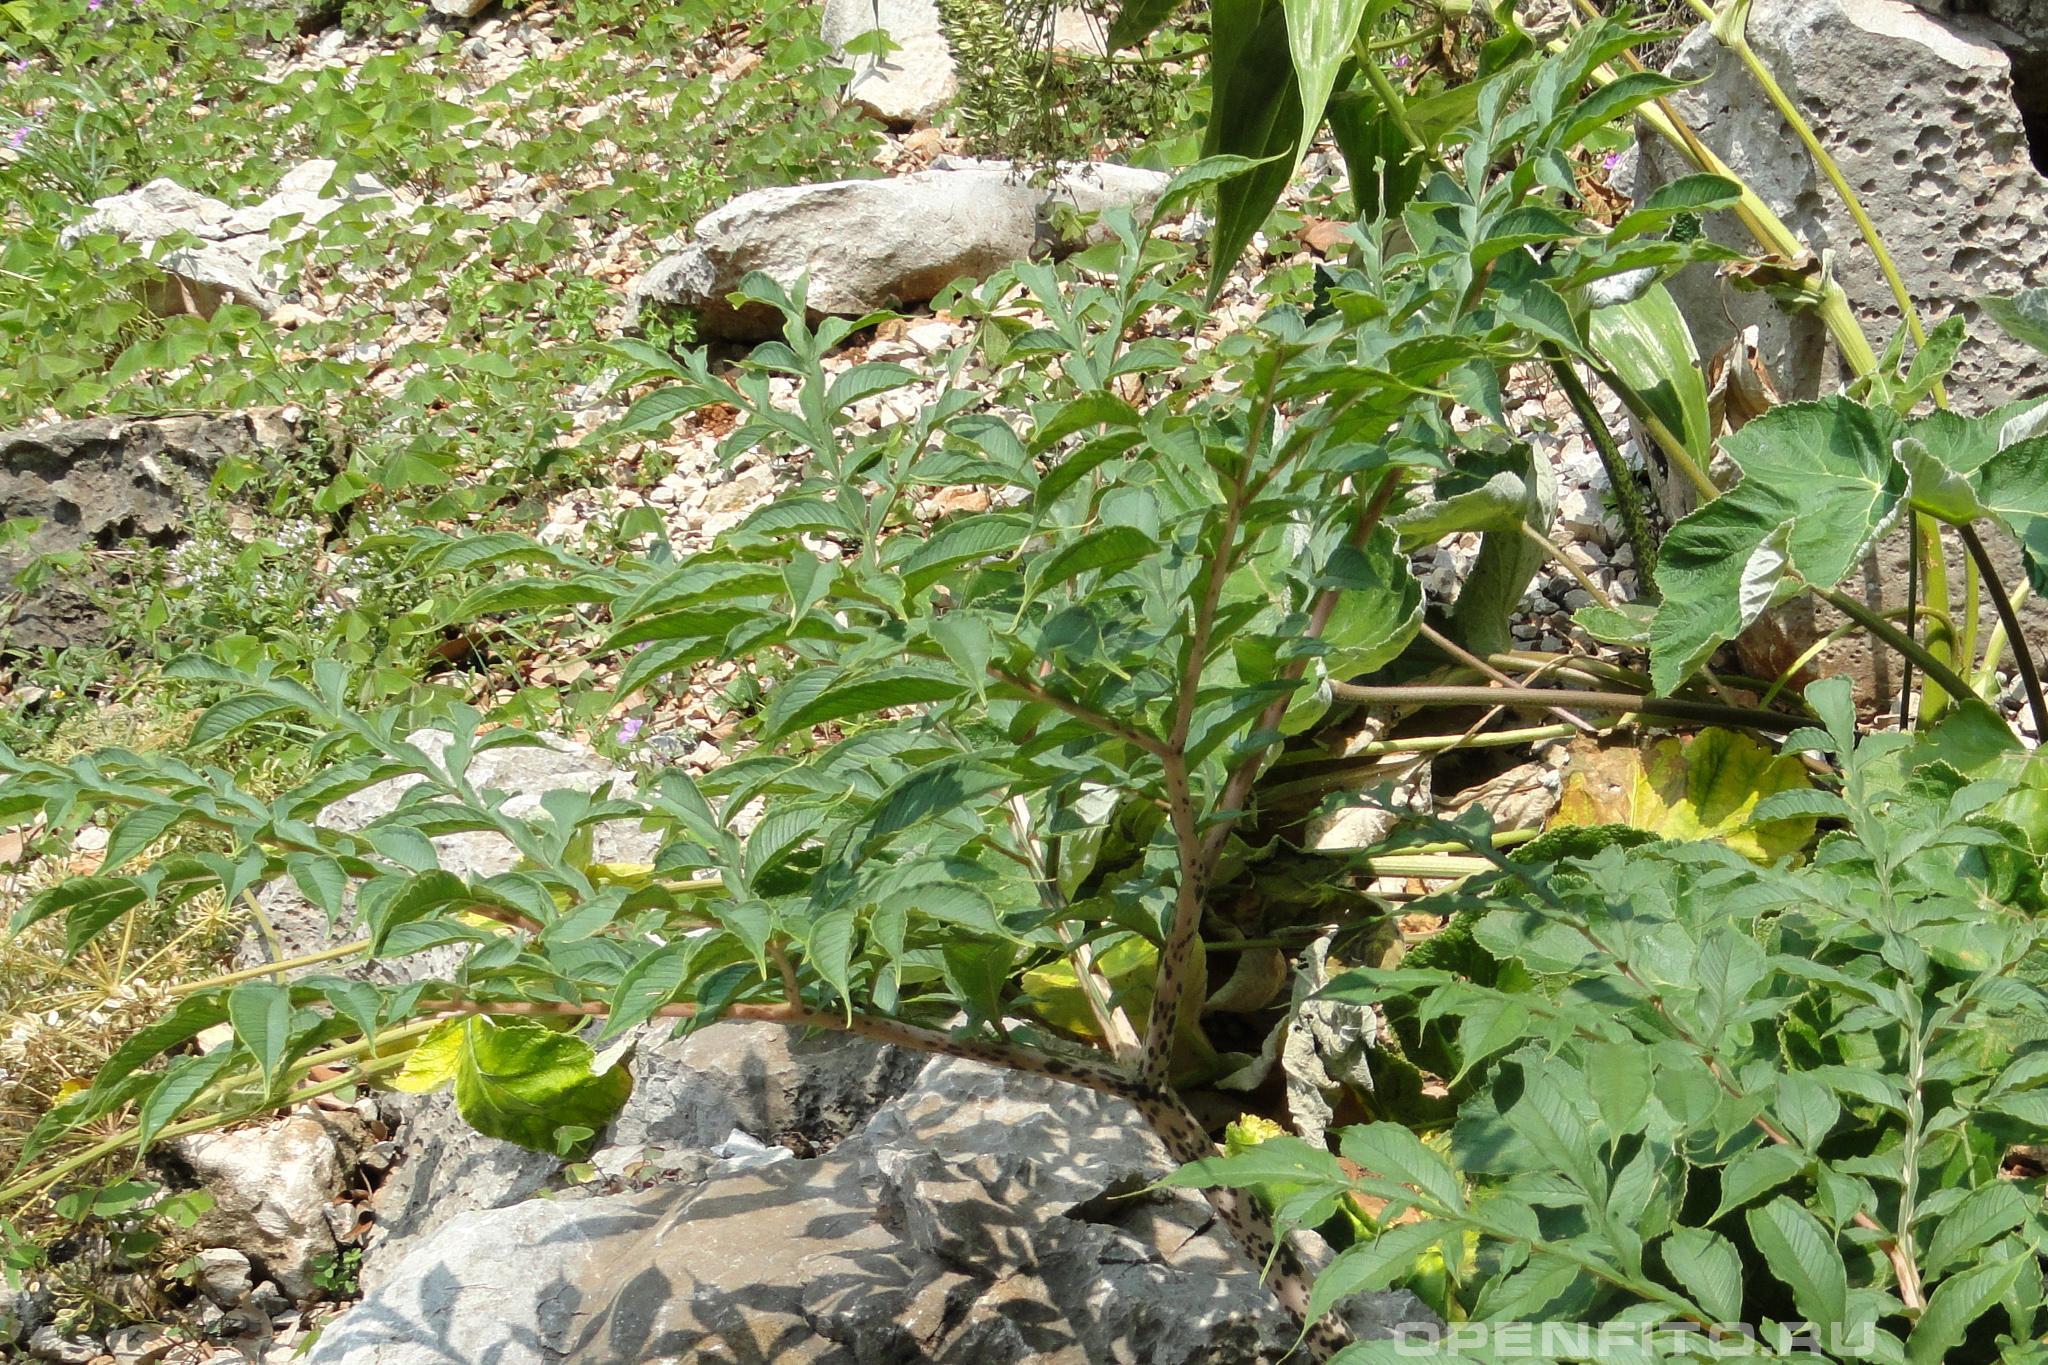 Аморфофаллус это растение считается самой плохо-пахнущей травой в мире